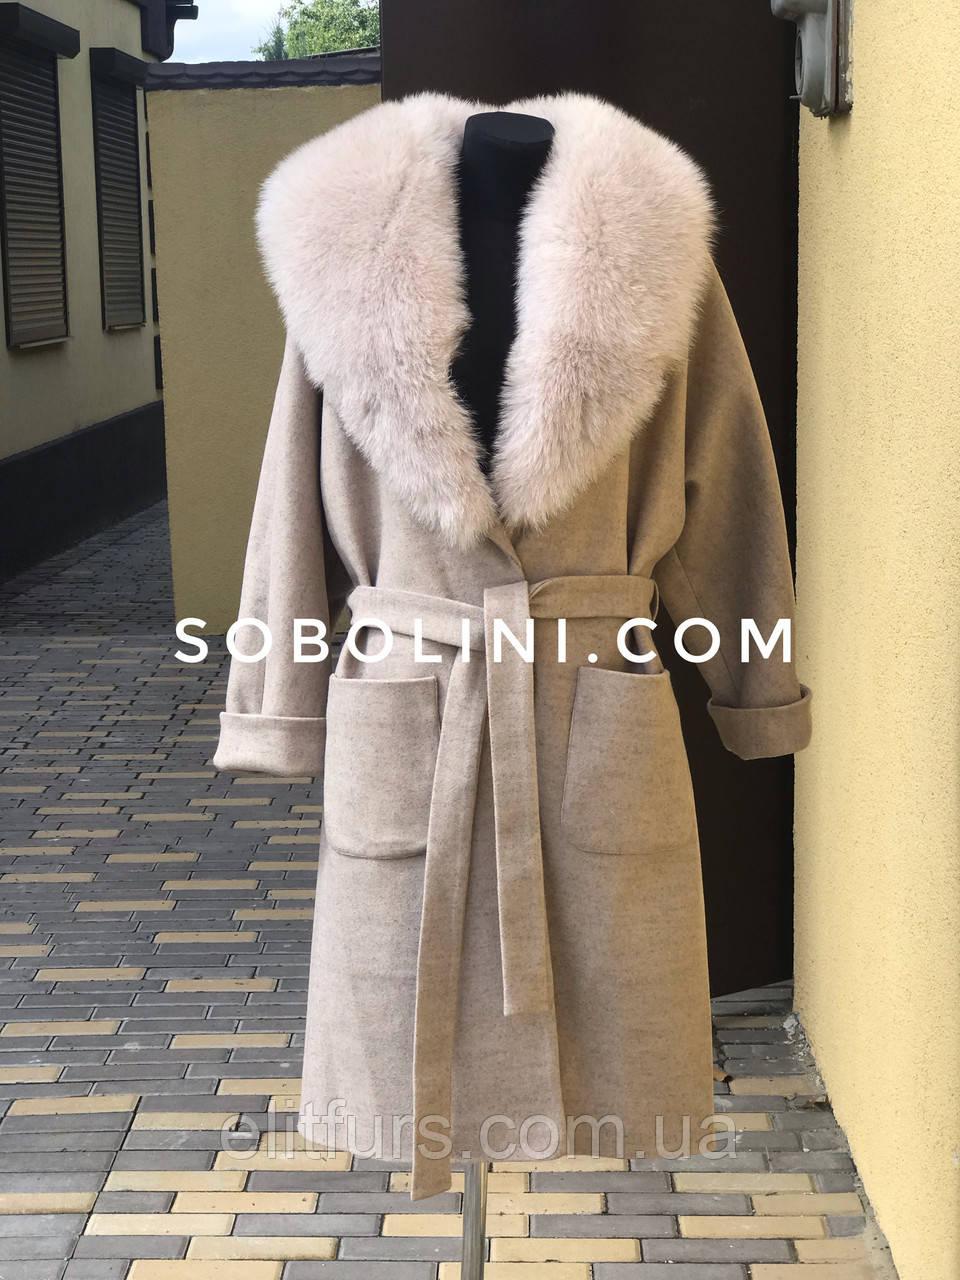 Пальто в наличии с воротником из песца